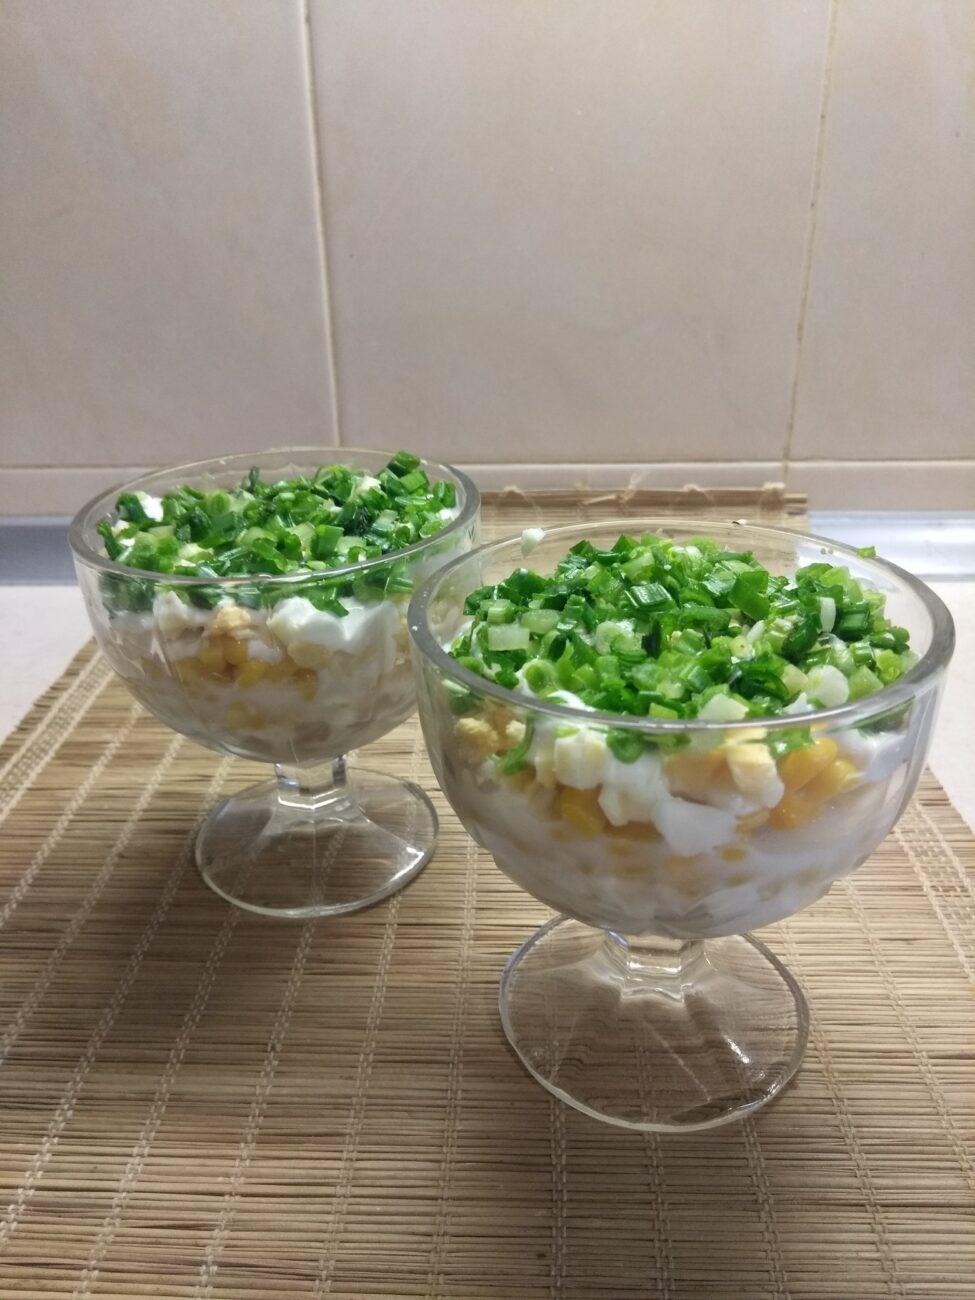 Салат-коктейль из селедки, кукурузы, зеленого лука и яиц